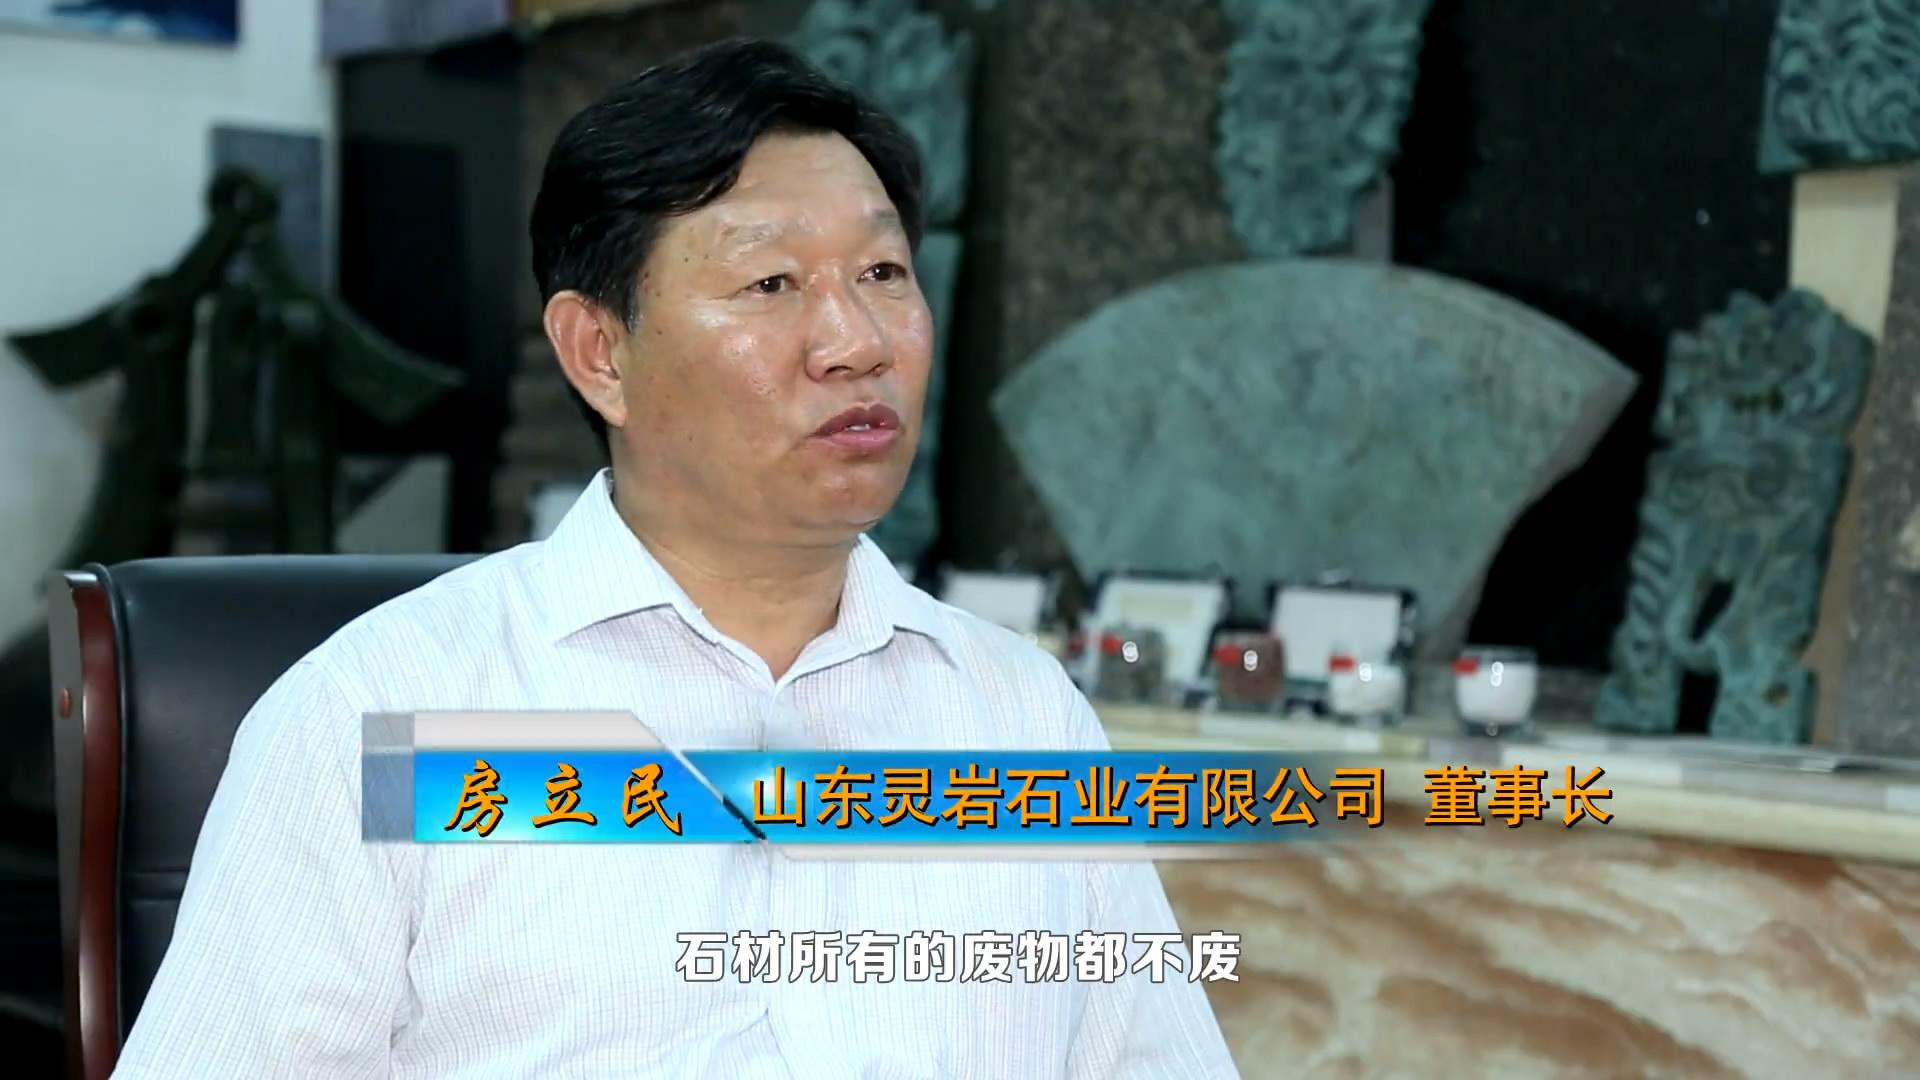 山东灵岩石业有限公司董事长房立民